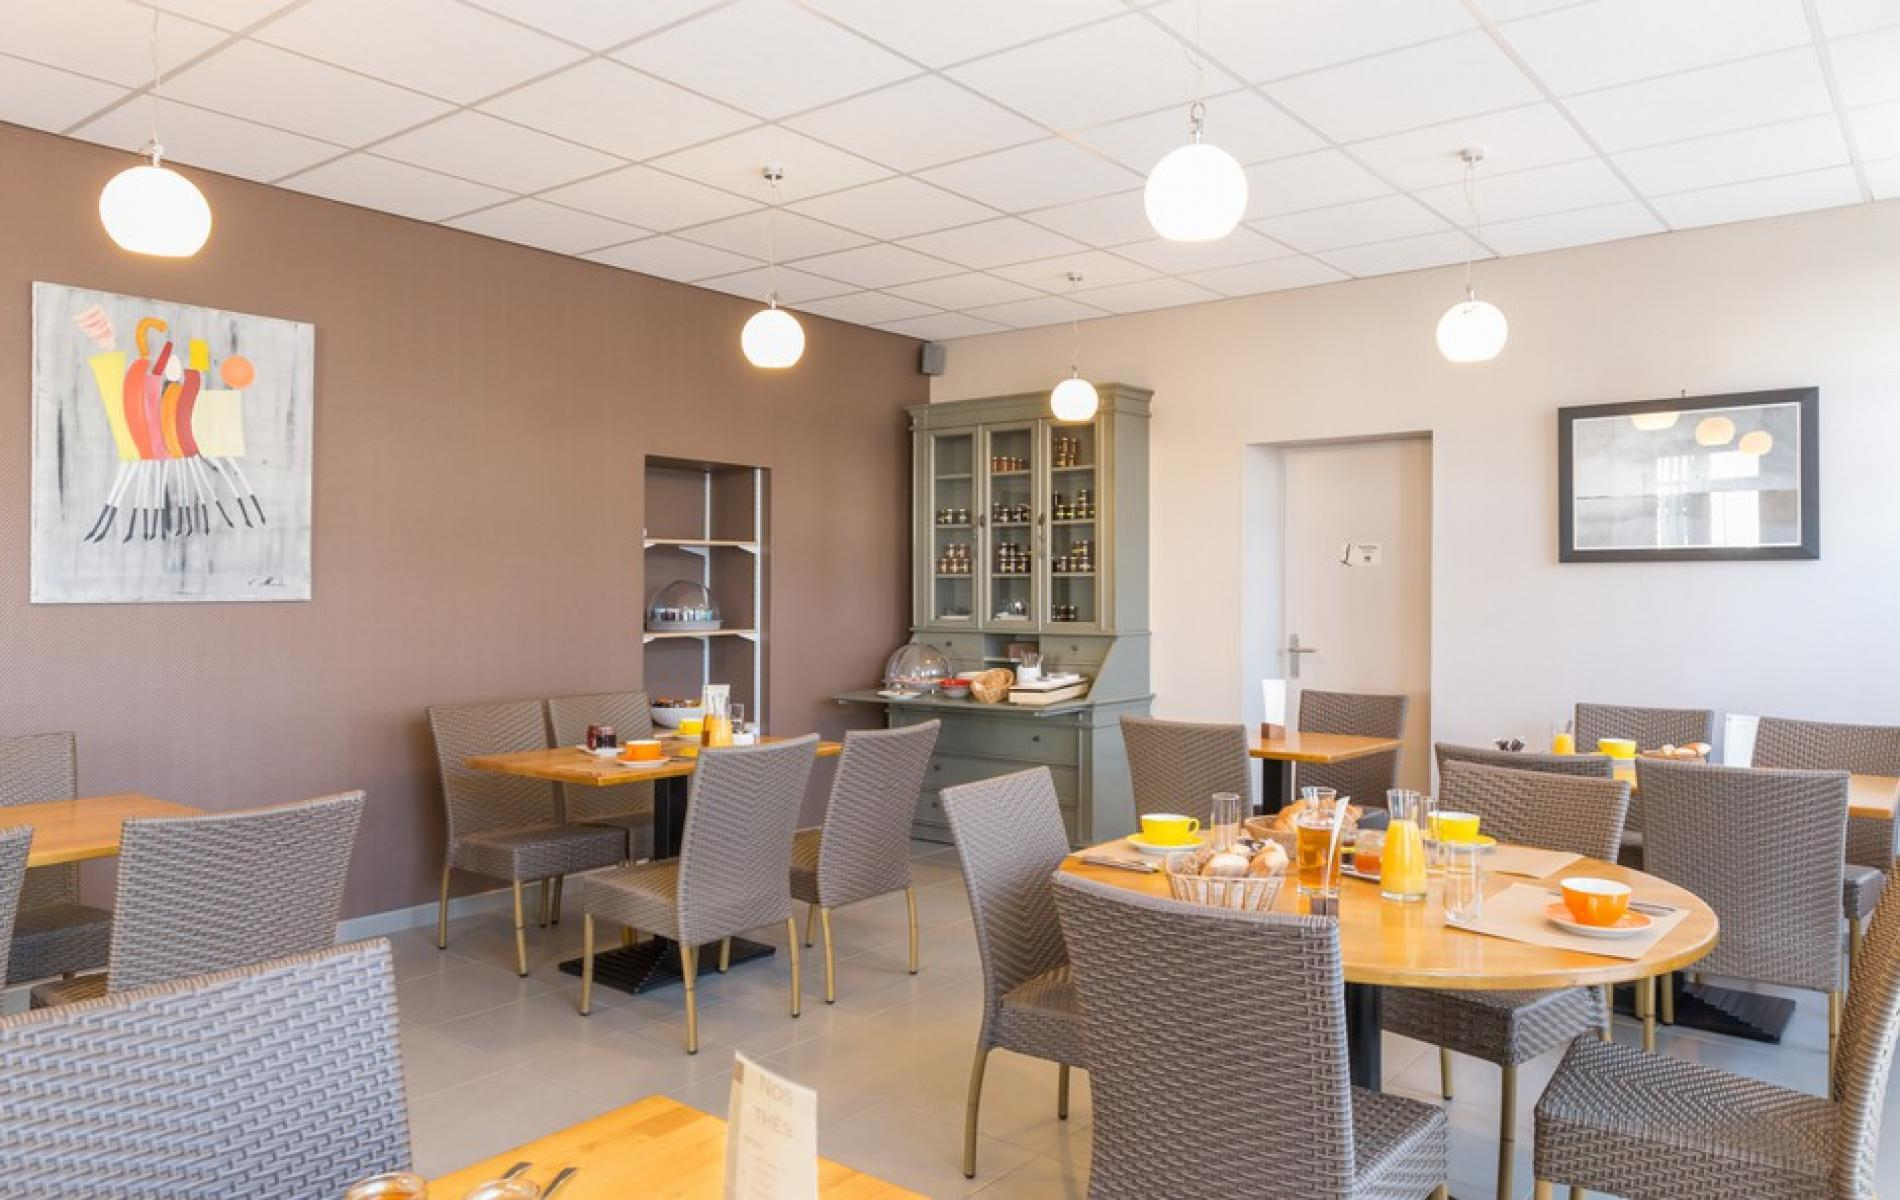 Hotel thouars promo offres hotel de la gare for Tarifs hotel